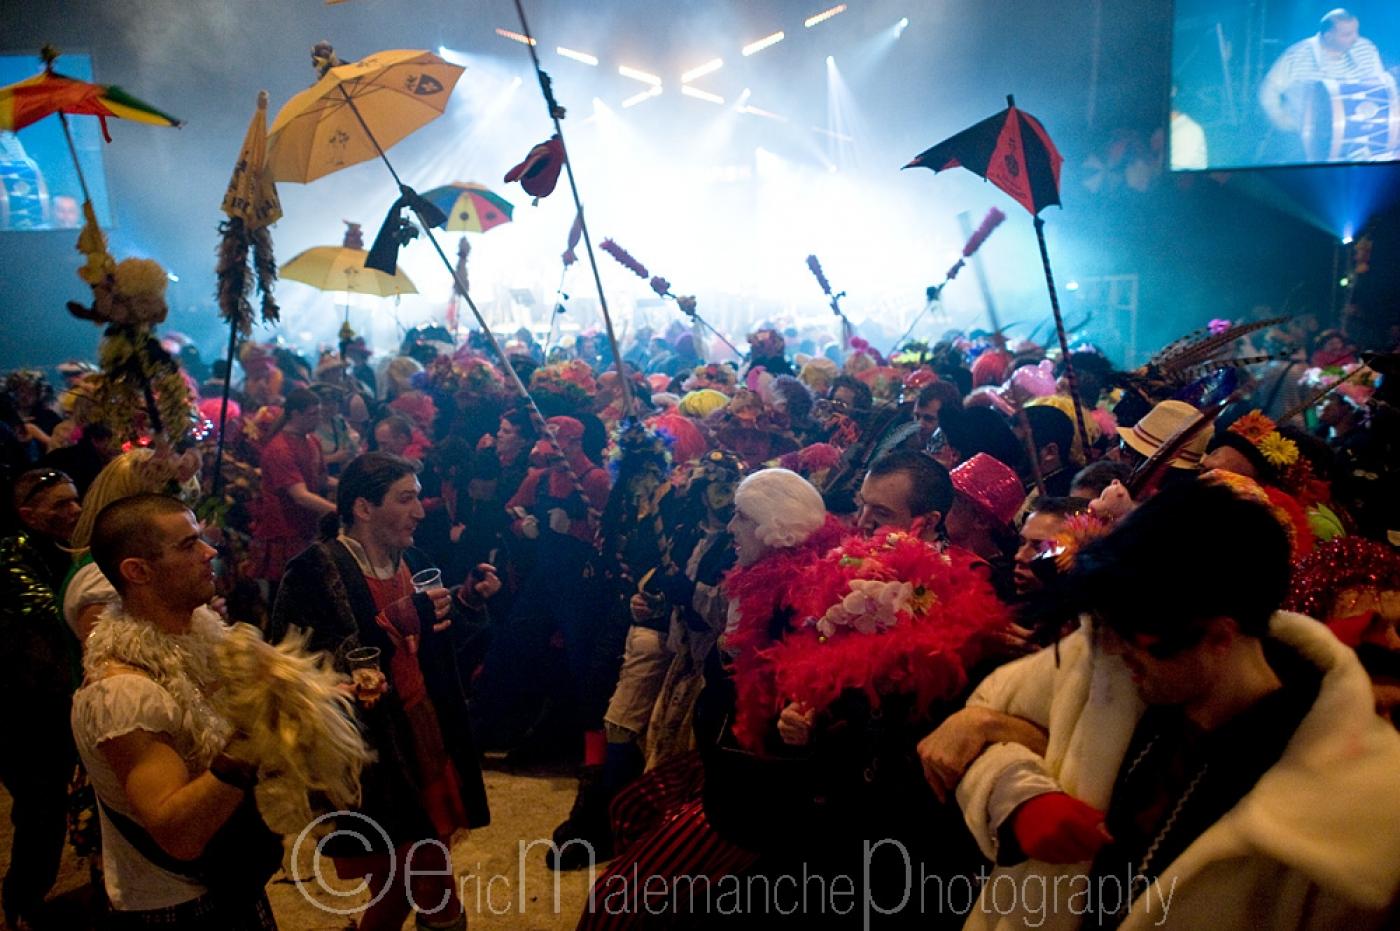 https://www.ericmalemanche.com/imagess/topics/carnaval-de-dunkerque/liste/Carnaval-Dunkerque-0982.jpg